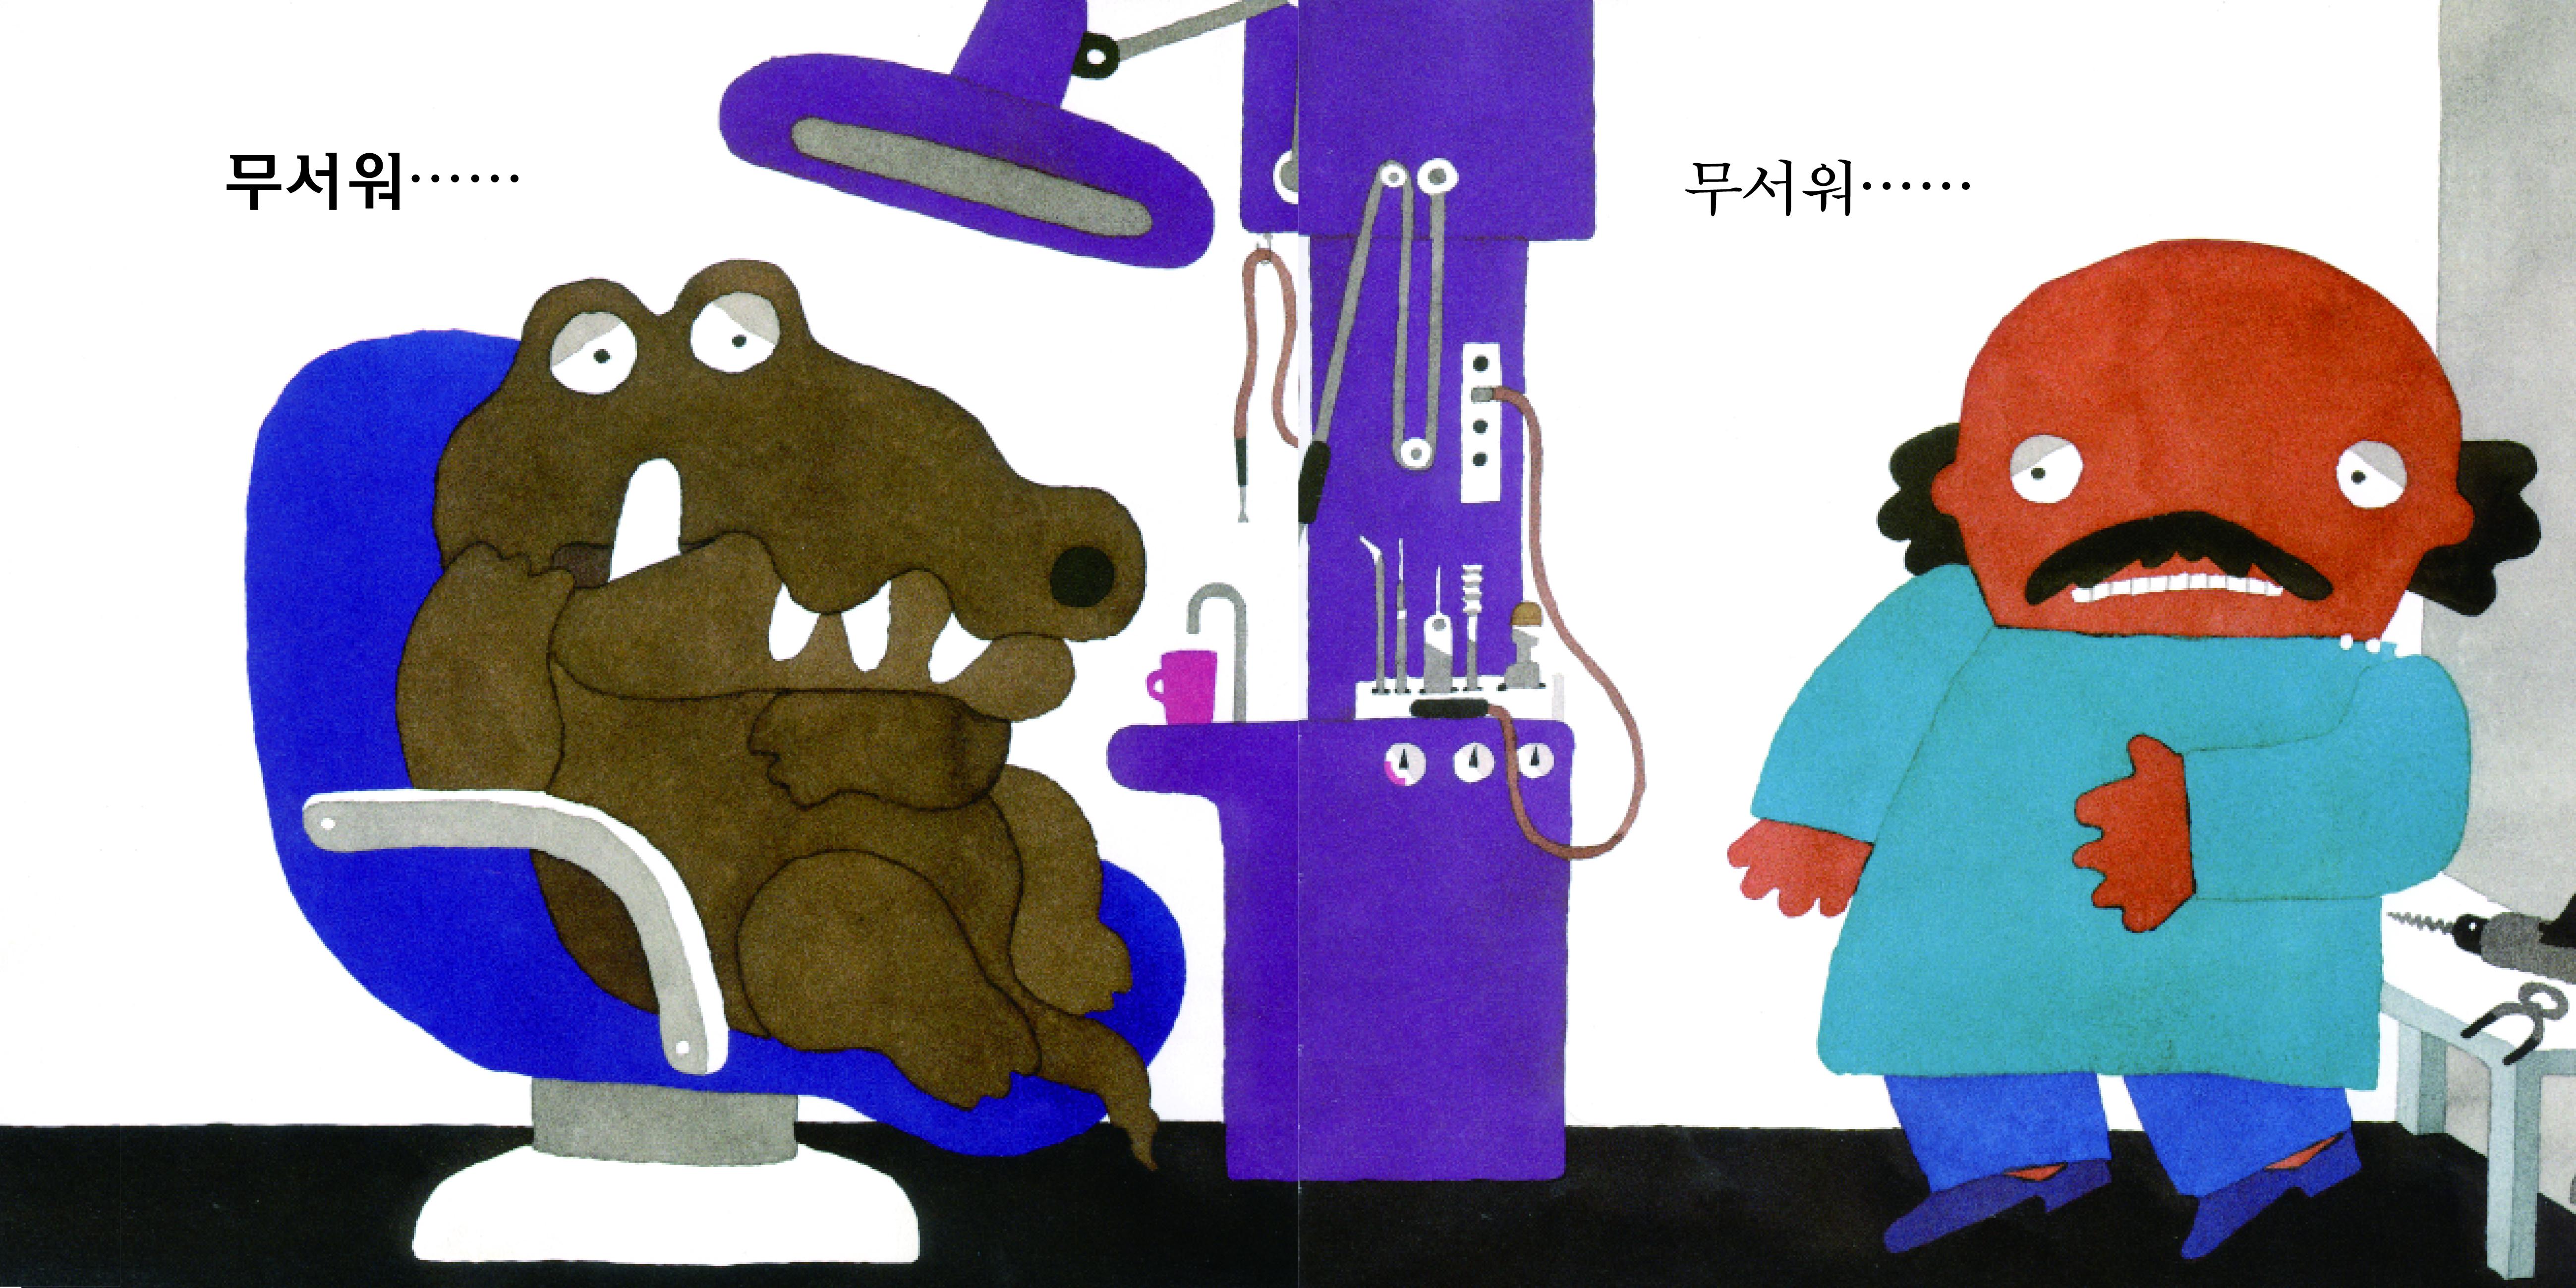 악어도깜짝치과의사도깜짝_본문(고해상).jpg